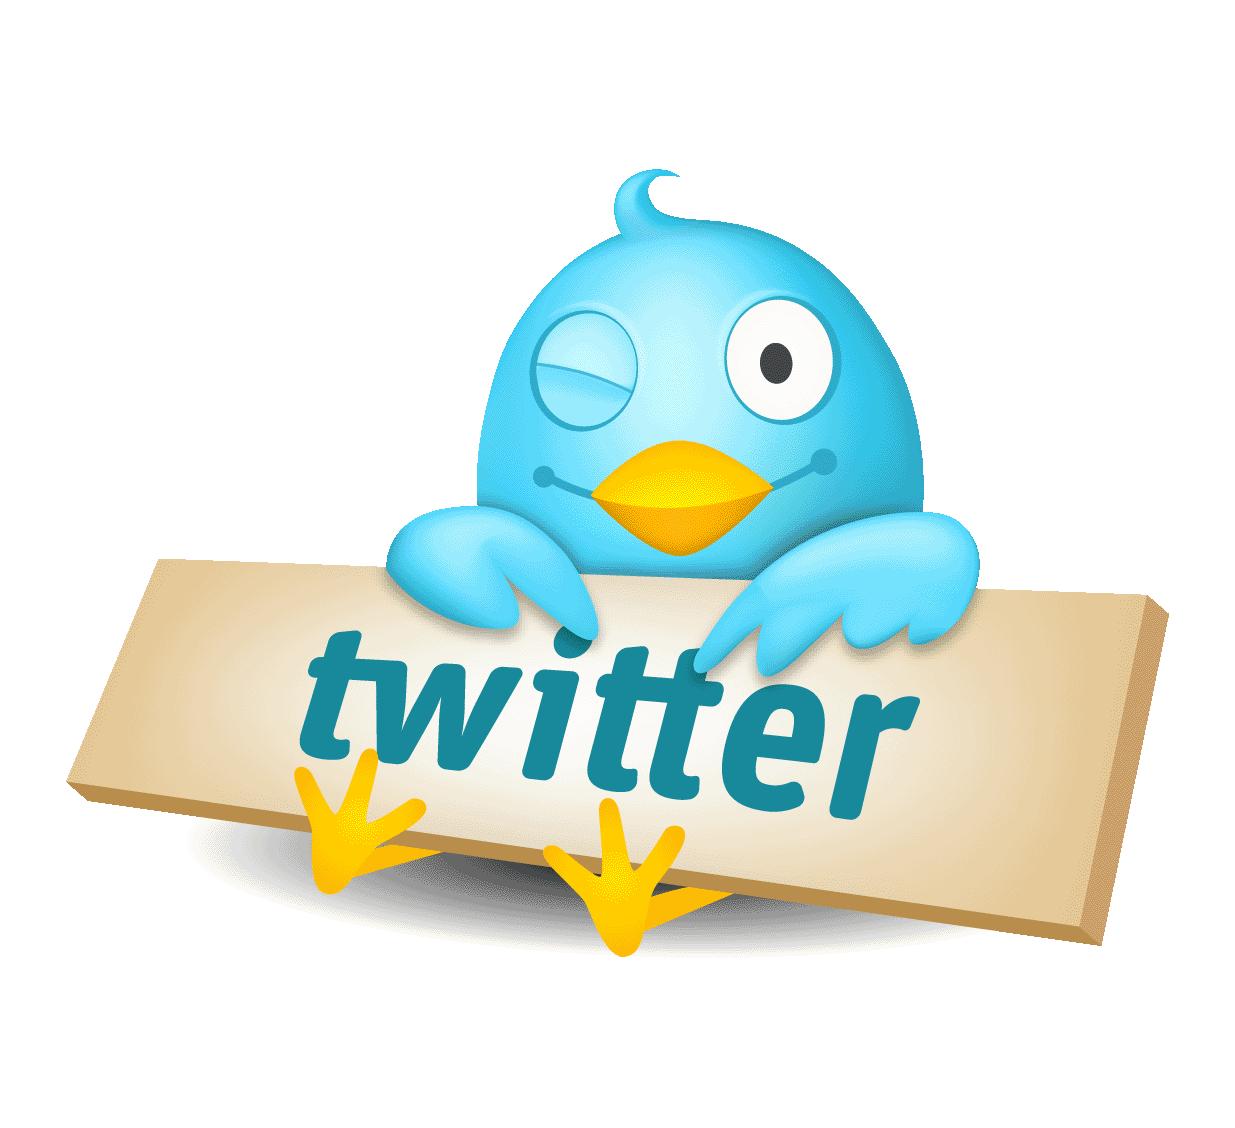 La pub fait son entrée sur Twitter